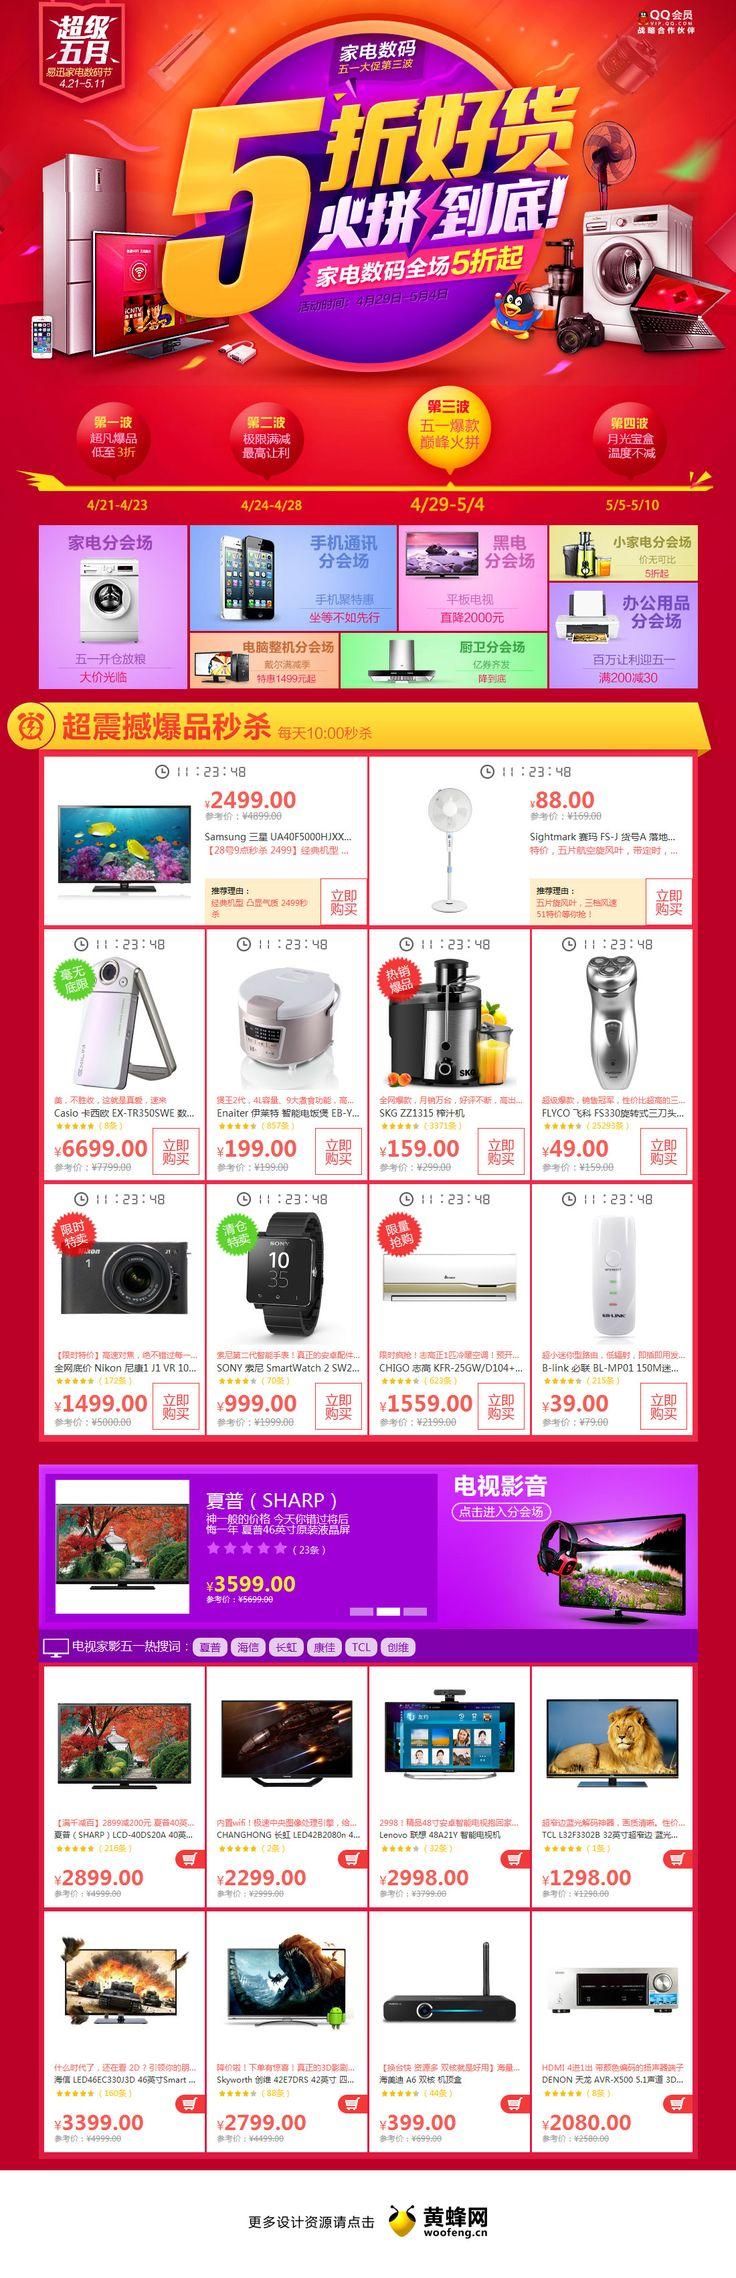 易迅网家电数码节第三波促销专题,来源自黄蜂网http://woofeng.cn/